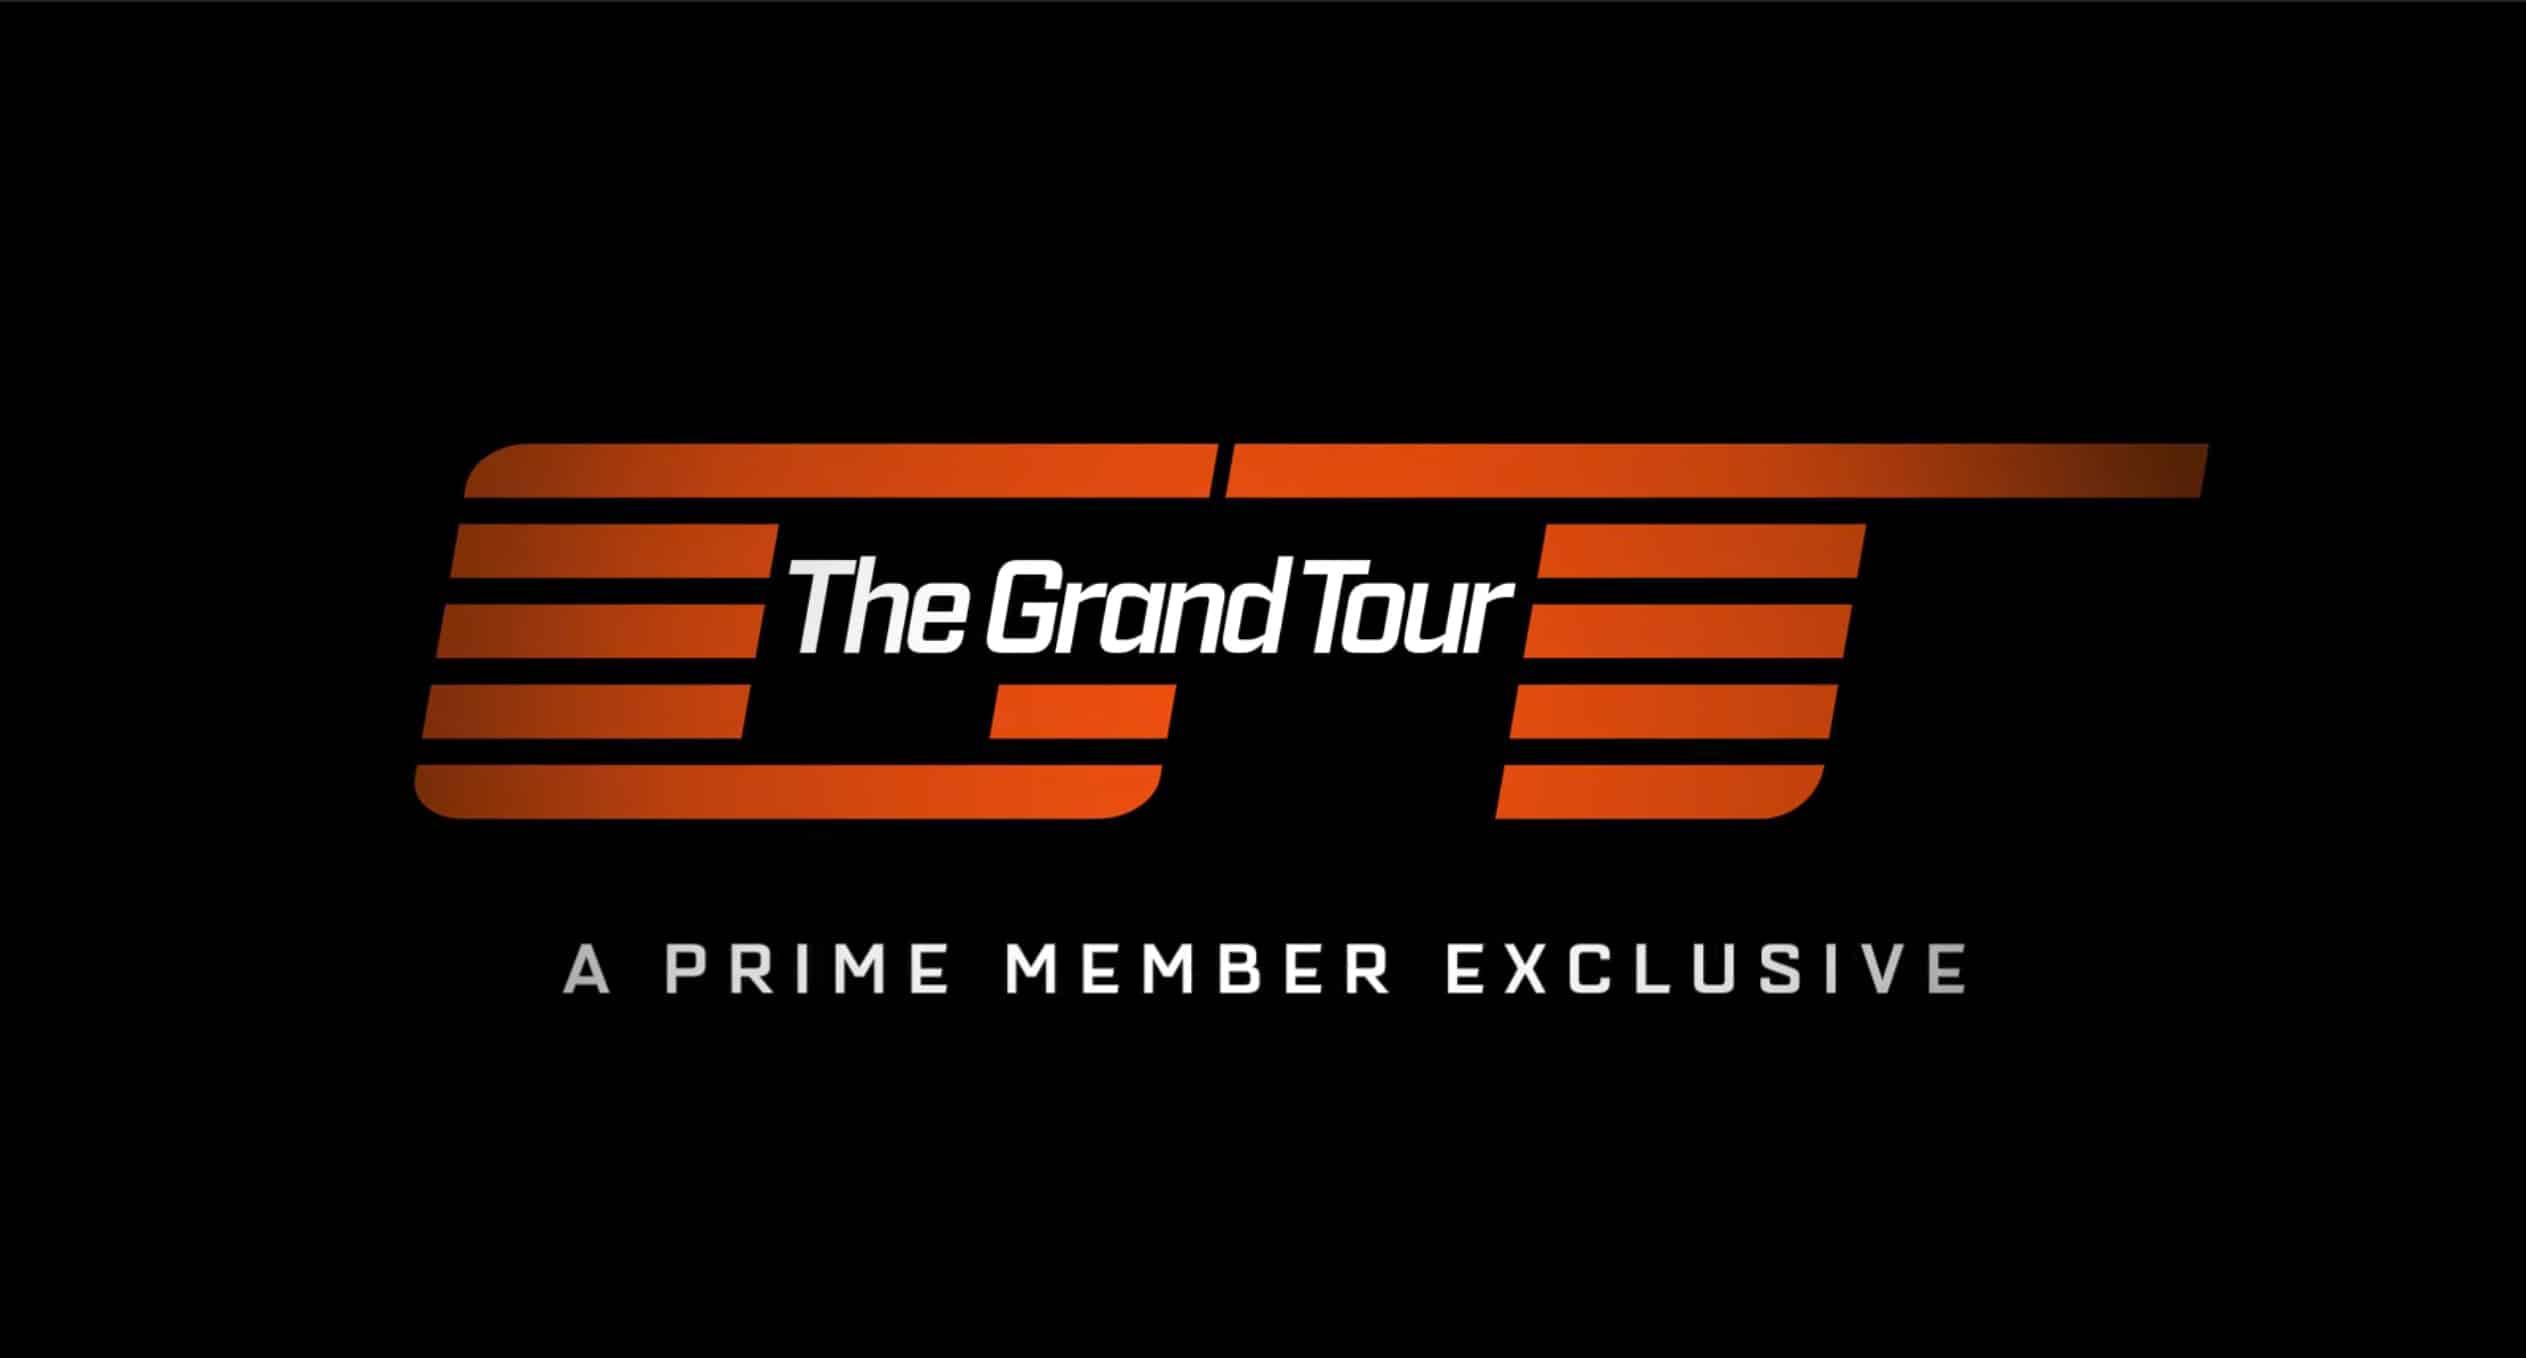 The Grand Tour Season 2 Exclusive